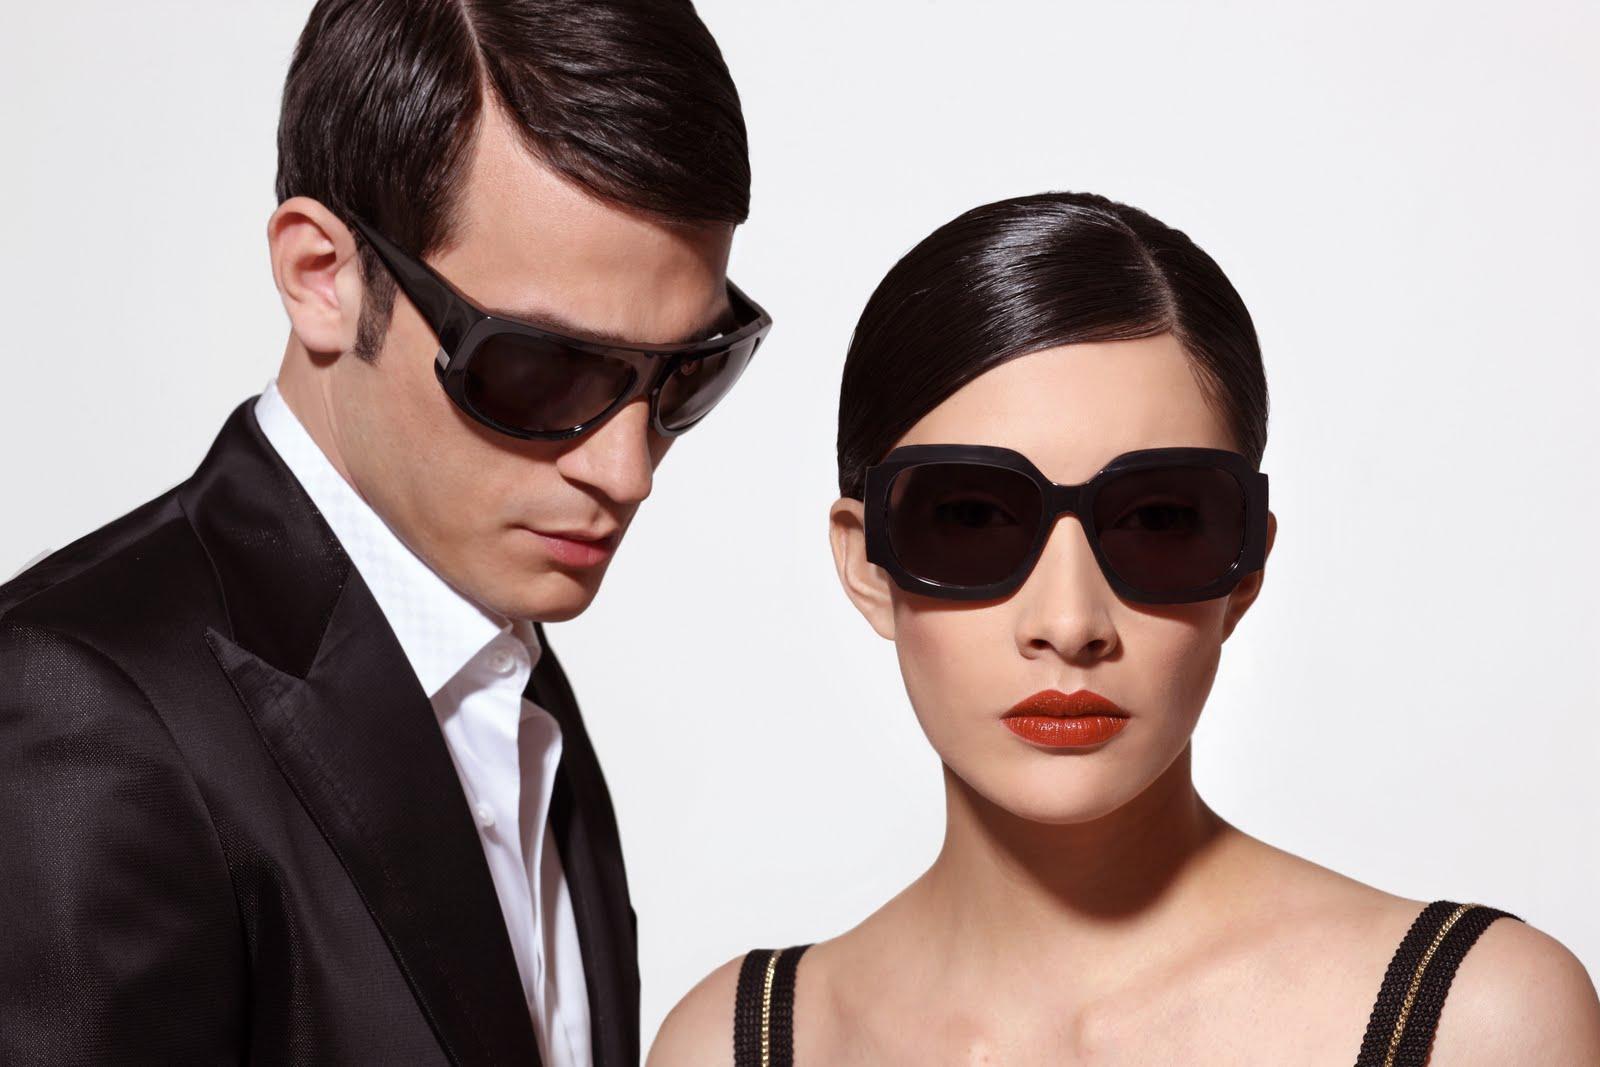 Scopri gli occhiali da sole migliori - Occhiali specchiati uomo ...